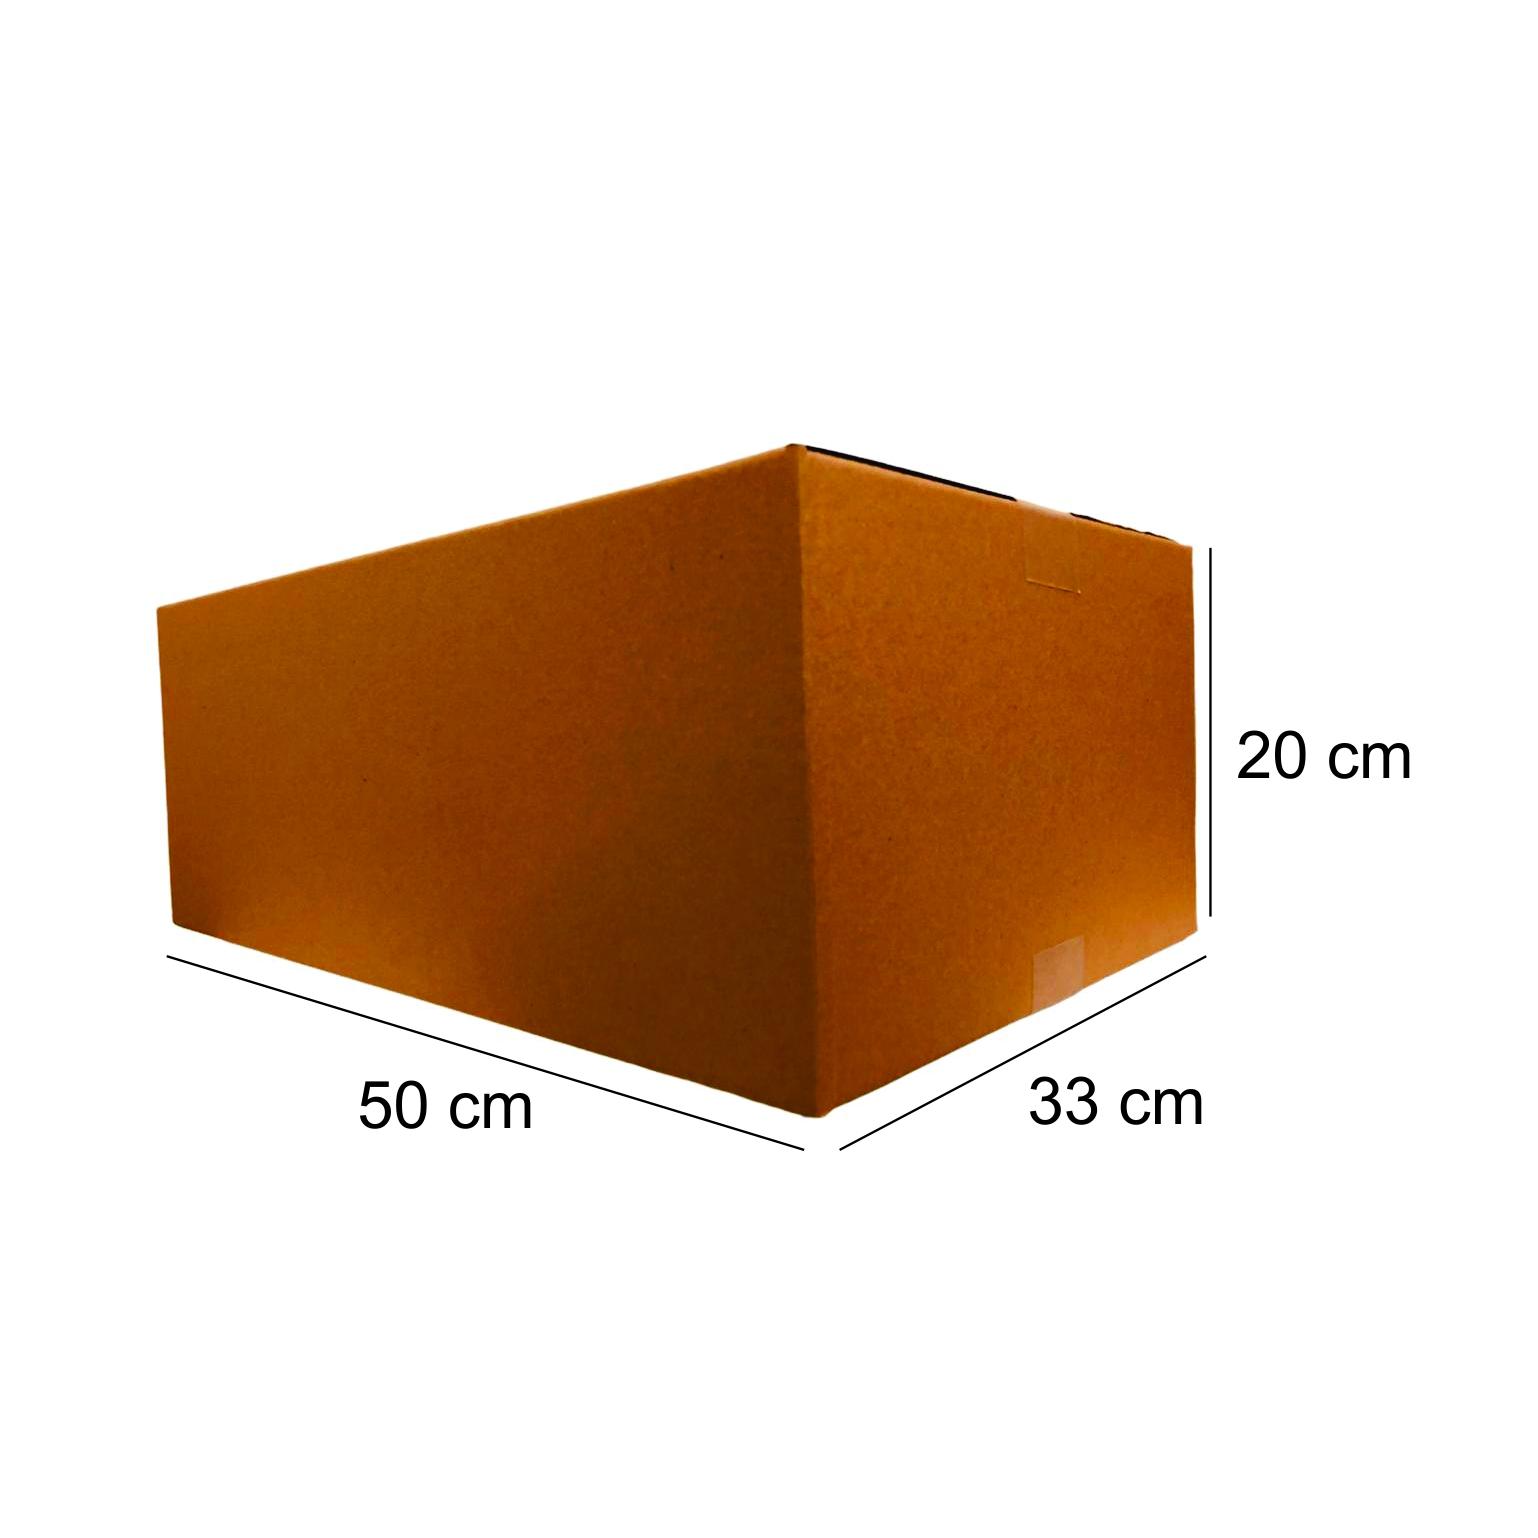 25 Caixas de Papelao (50X33X20)cm - Sedex / Pac / Correios